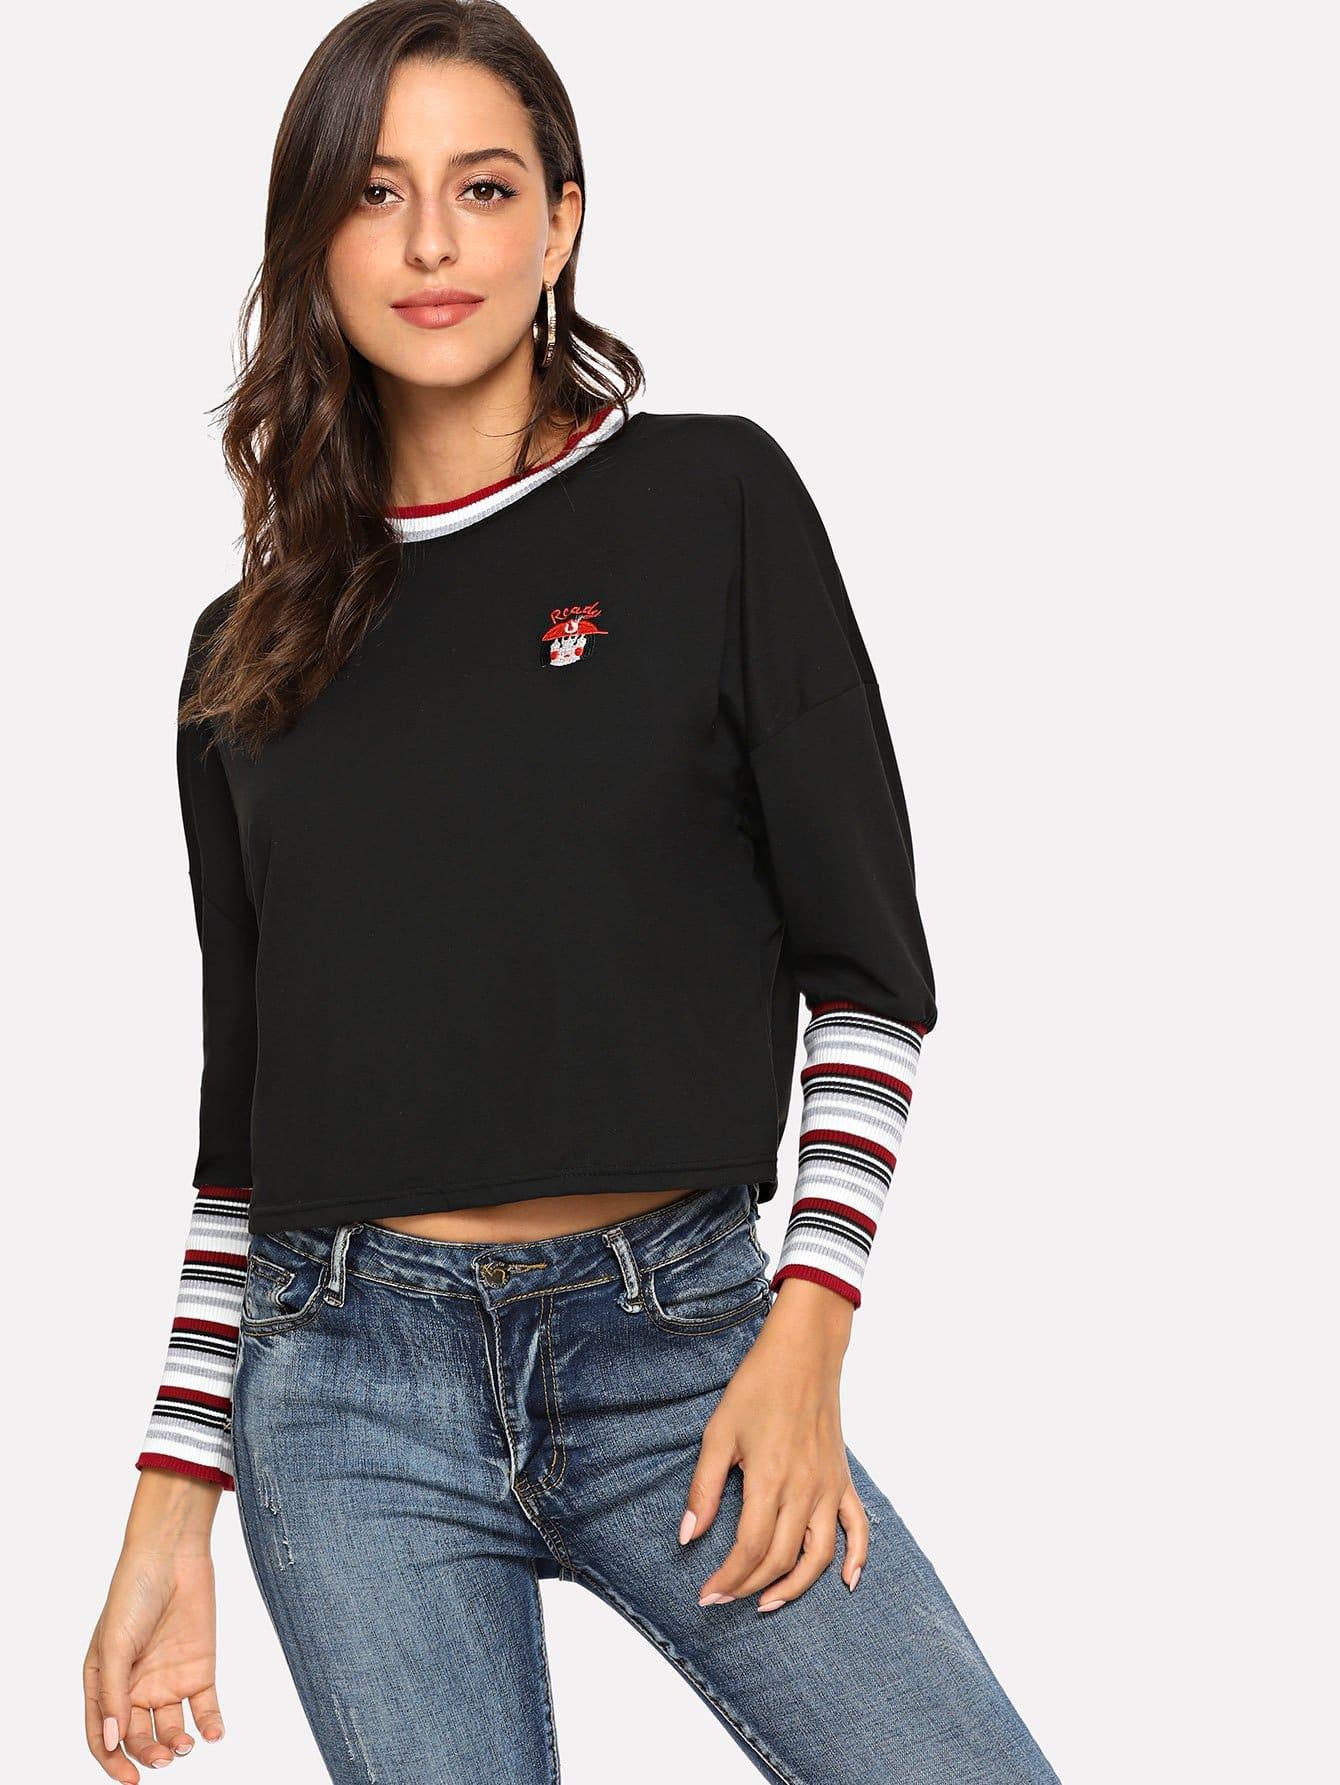 Купить Блуза с заниженной линией плеч и со симметрическими полосами, Mary P., SheIn